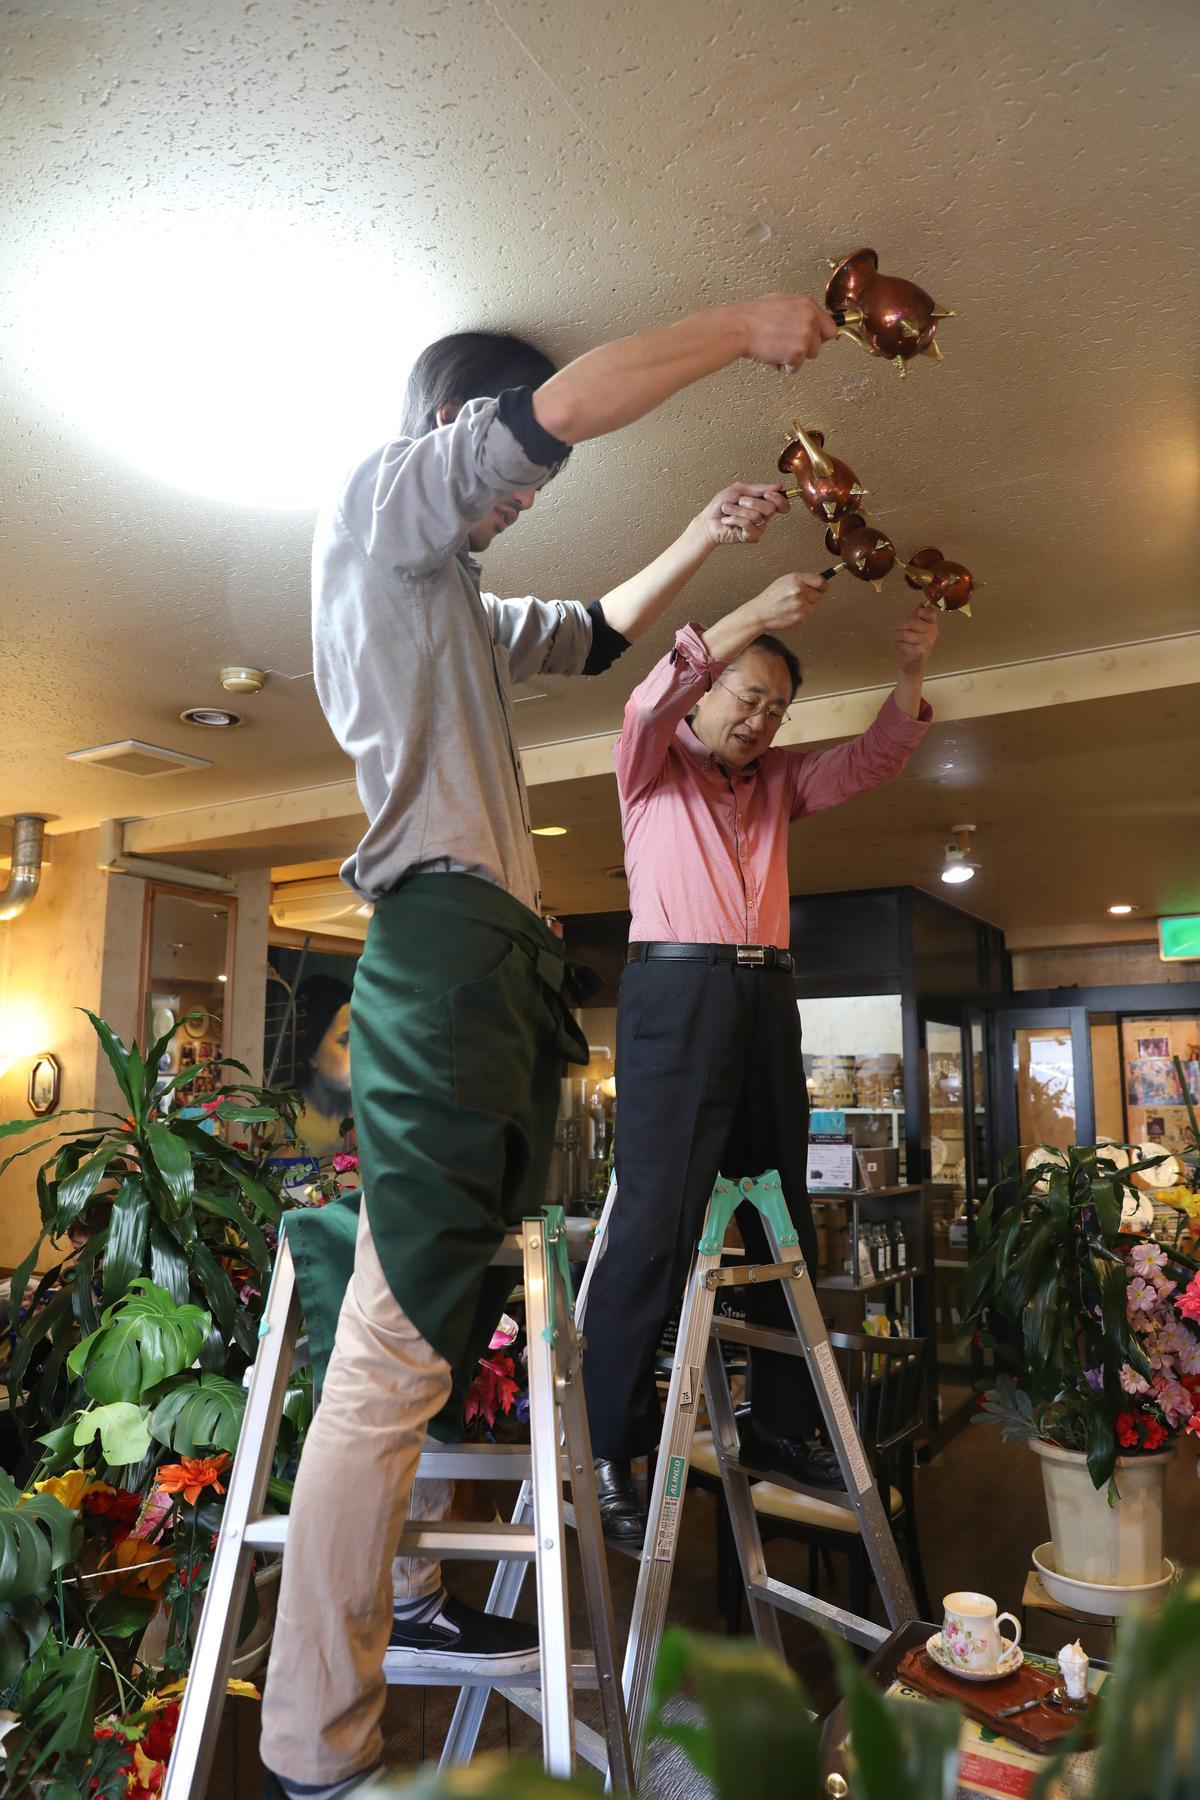 咖啡店最特別的是要將法式歐蕾咖啡壺高高舉起,將咖啡倒入杯中,形成自然的泡沫,也成為來此店喝咖啡最大的噱頭。